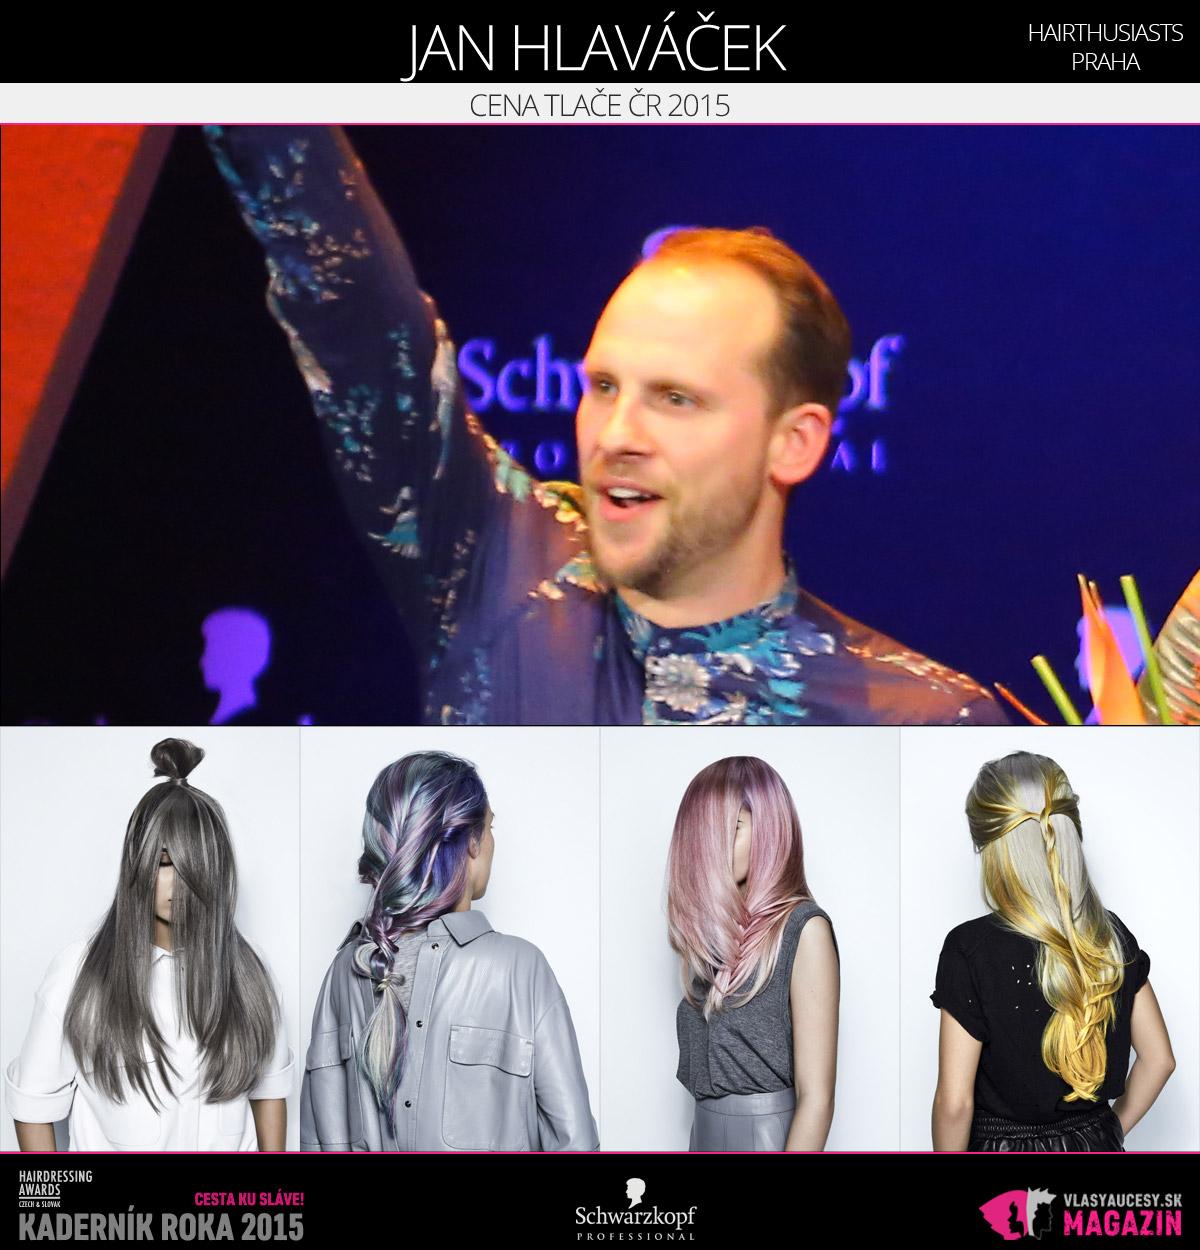 Víťazom v kategórii Cena tlače ČR Czech and Slovak Hairdressing Awards 2015 je Ján Hlaváček z Hairthusiasts v Prahe.